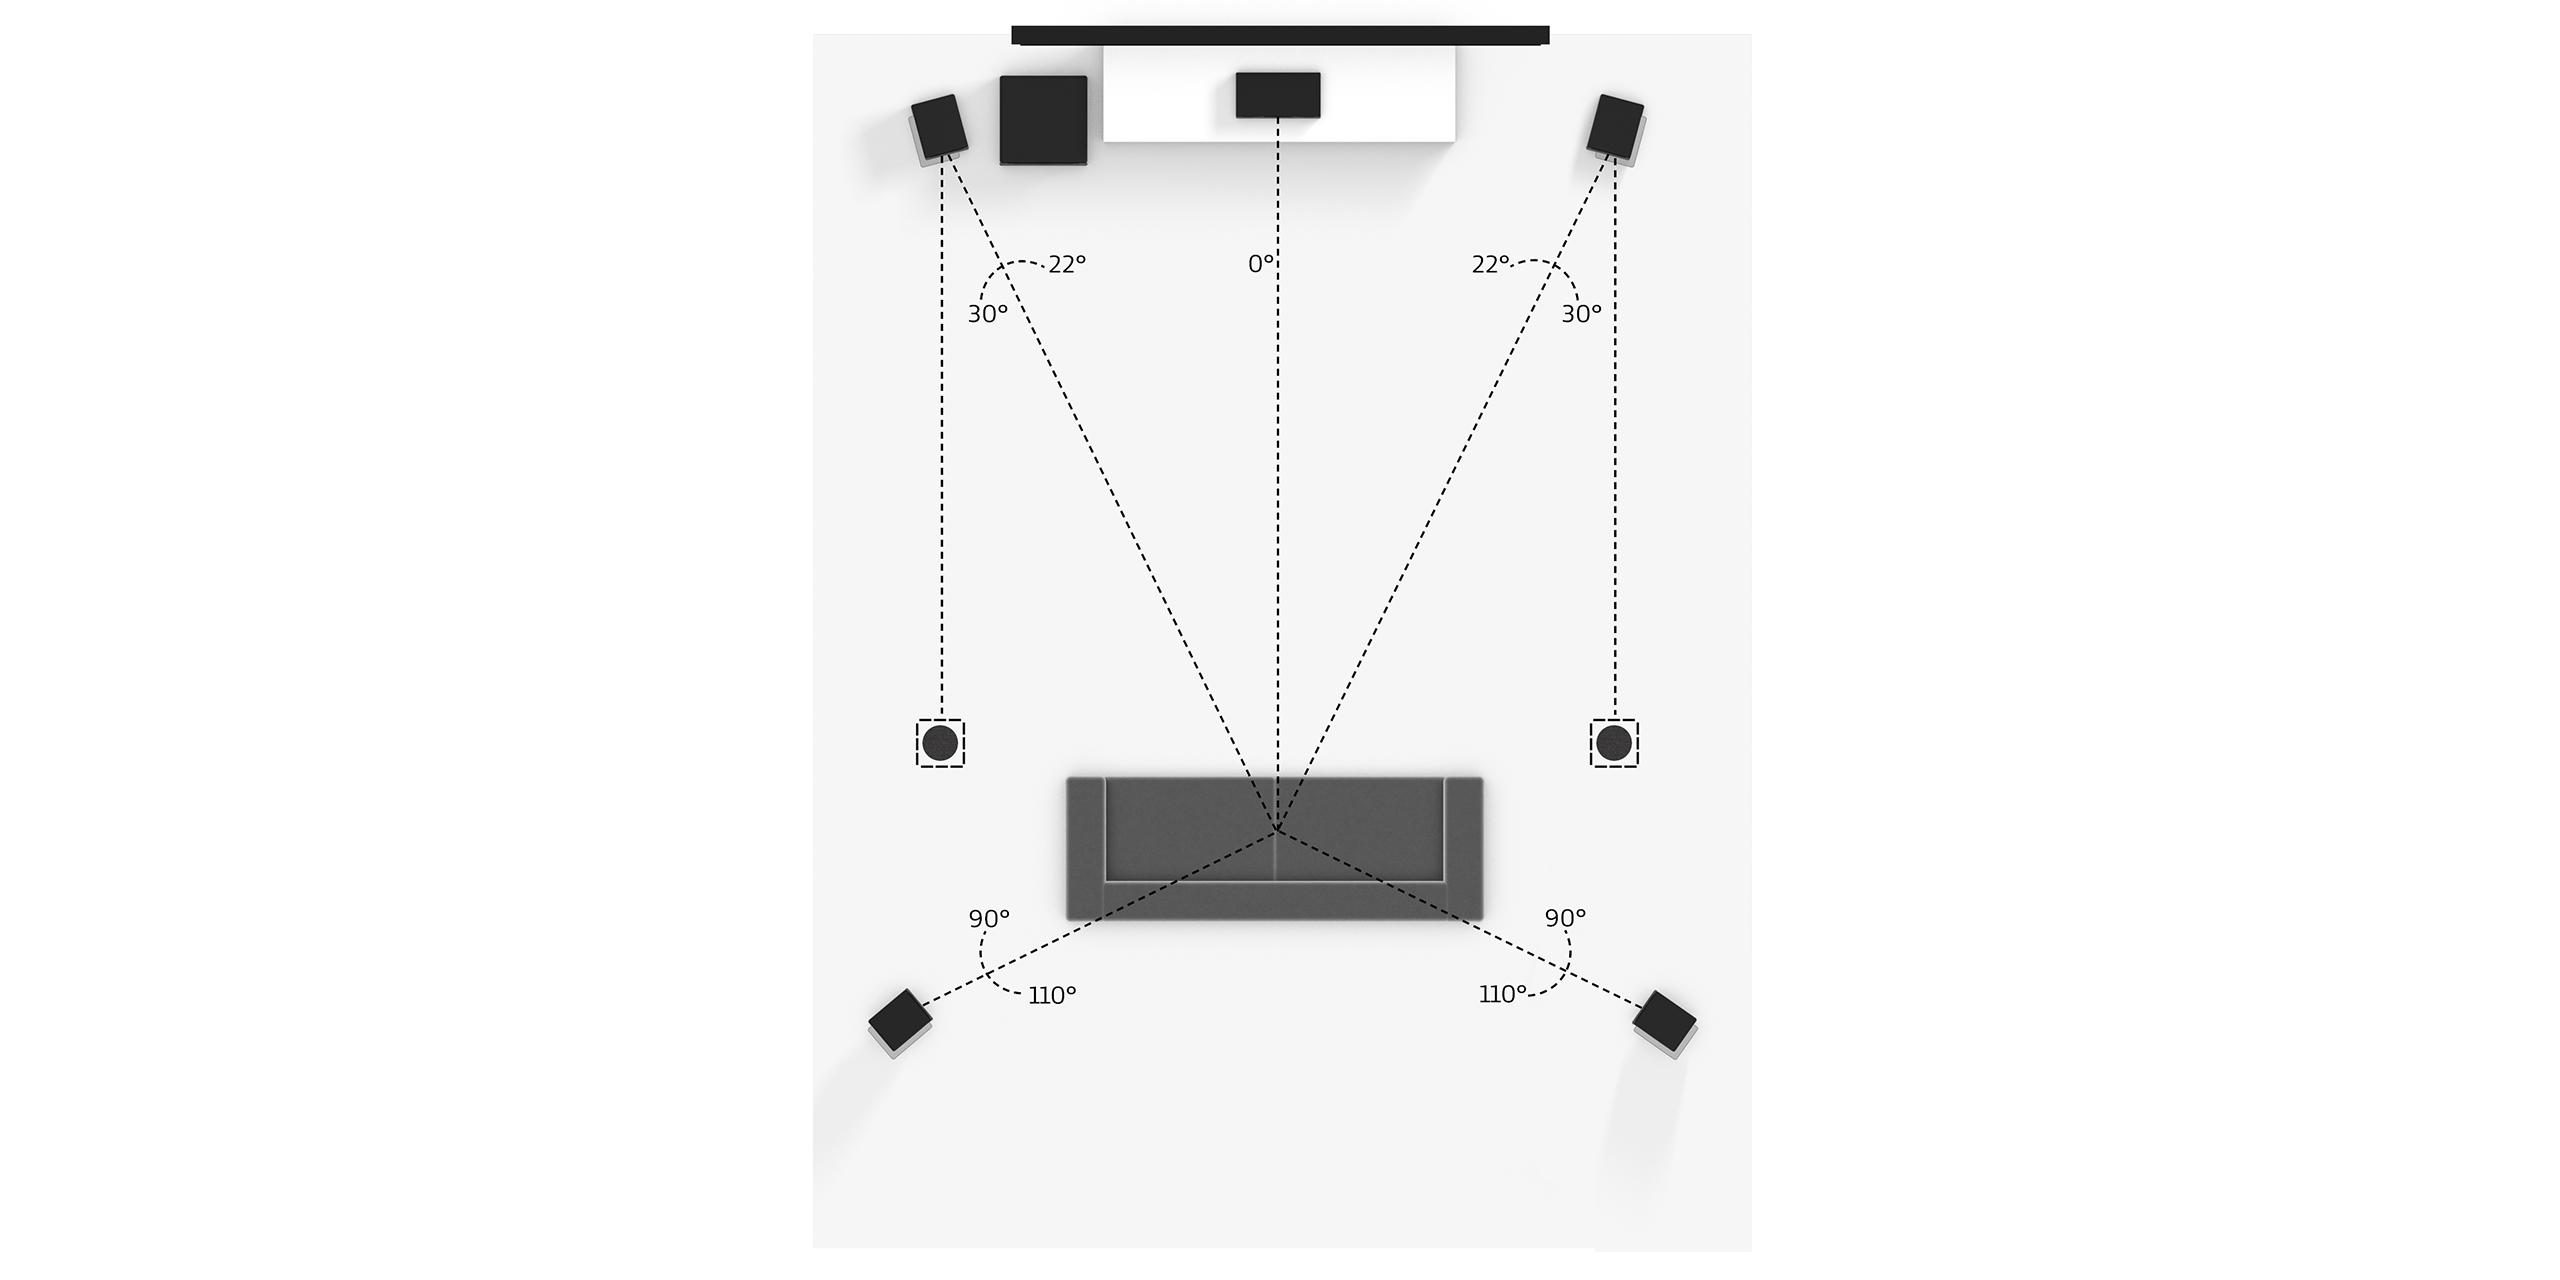 Atmos plafond speaker positie 5.1.2 opstelling?